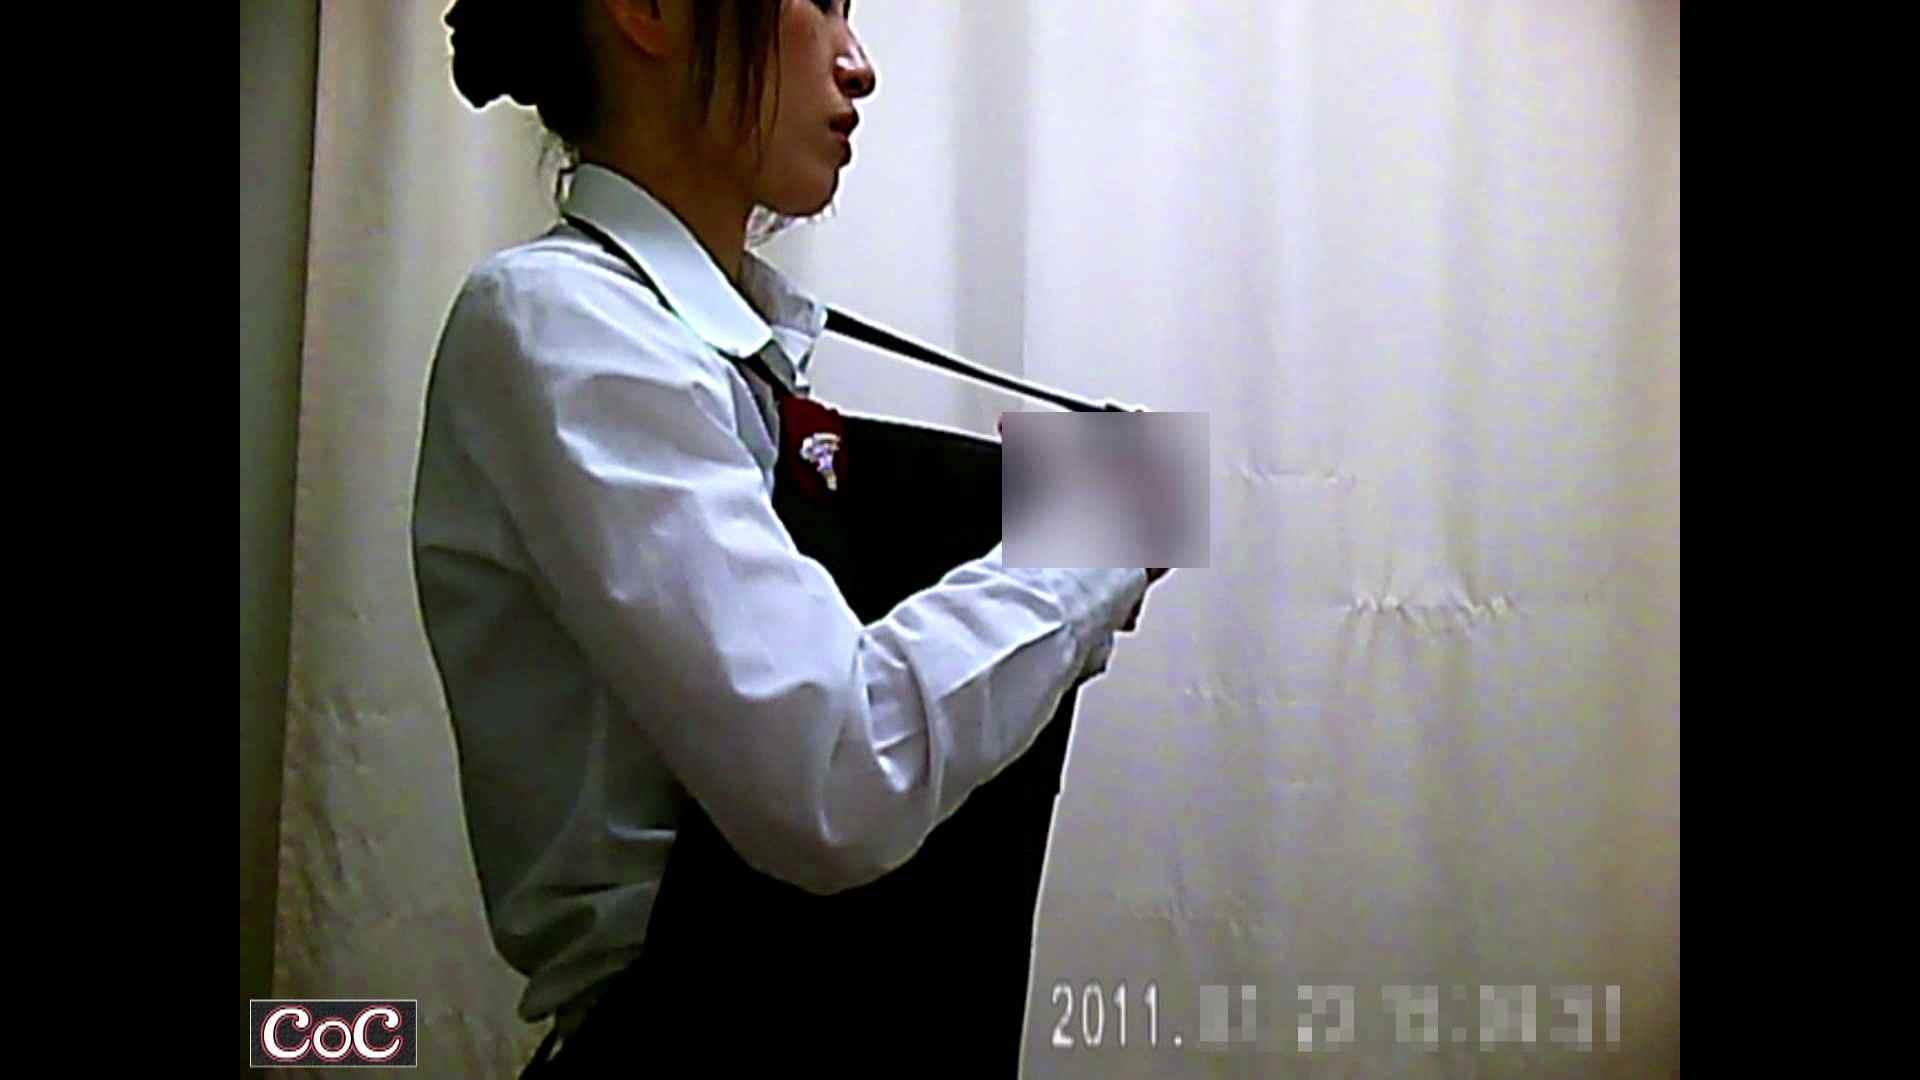 病院おもいっきり着替え! vol.05 乳首 オメコ無修正動画無料 96pic 32